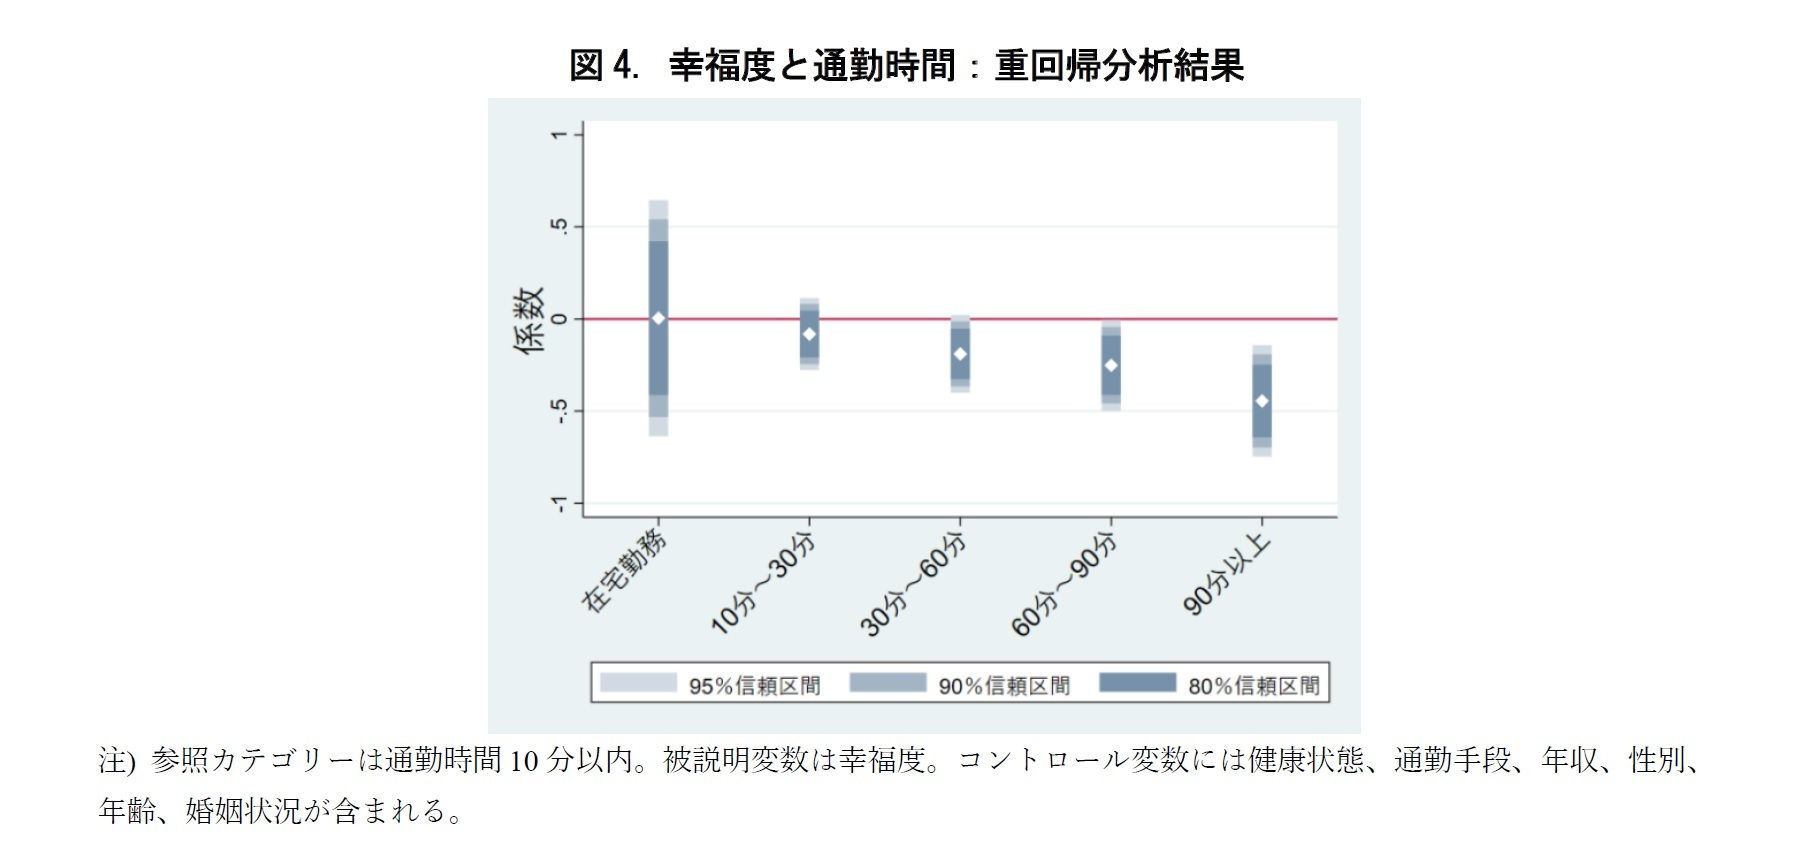 図4. 幸福度と通勤時間:重回帰分析結果